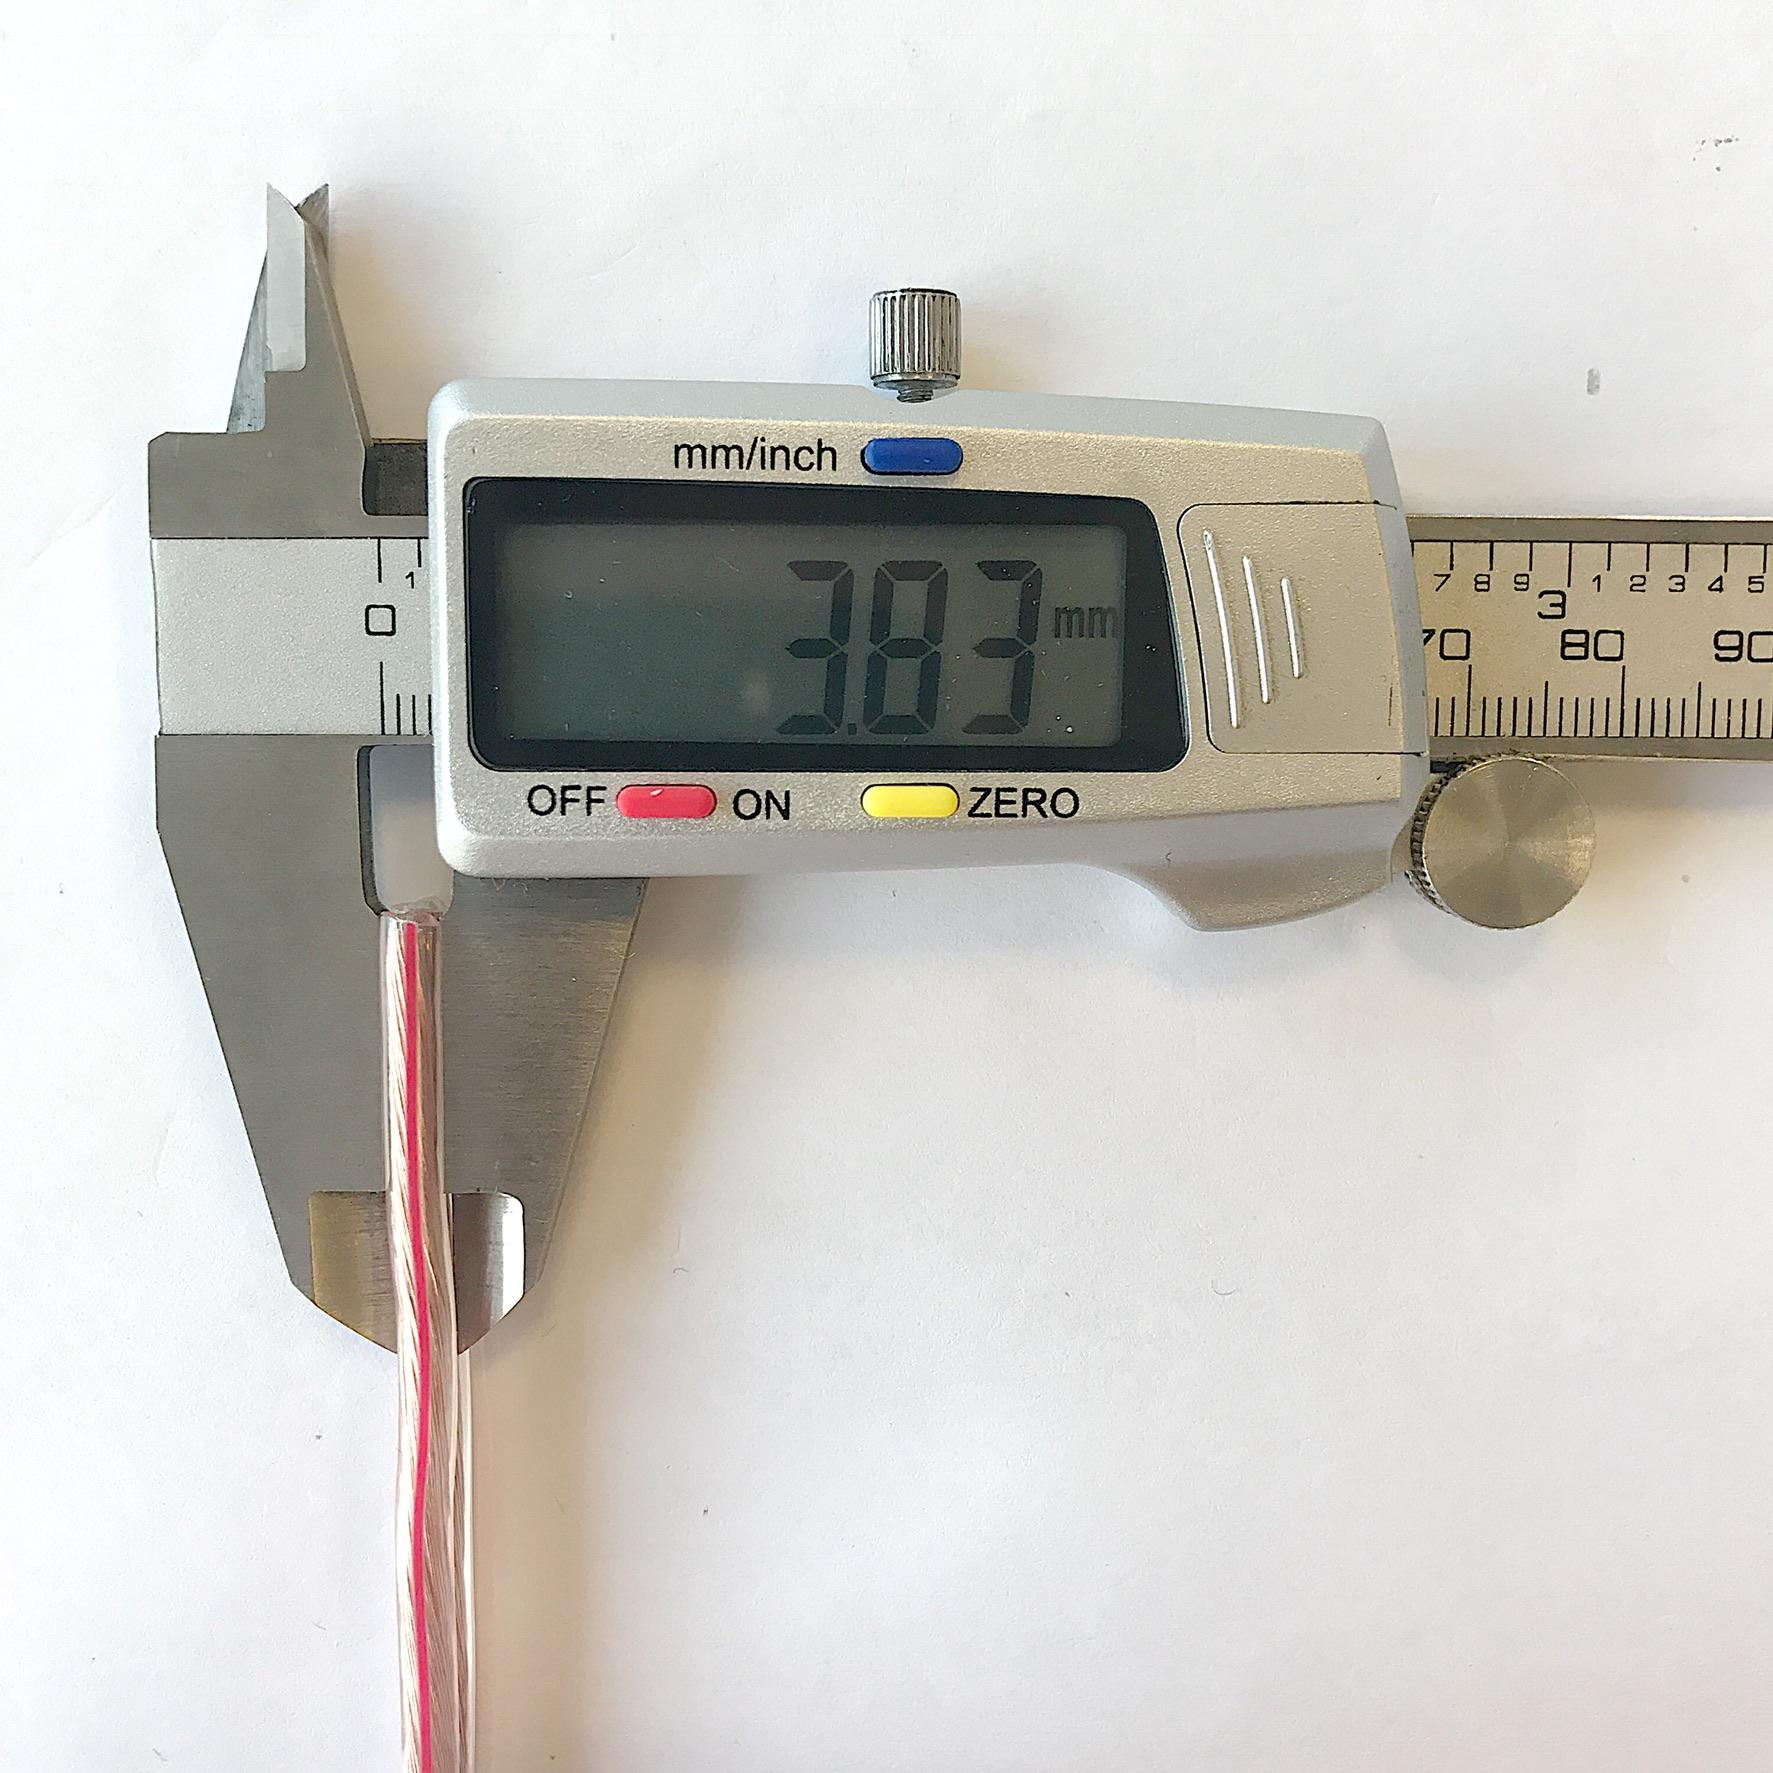 DIN 7981 A2 C 3.5X25 Linsenkopf-Blechschrauben C-H EDELSTAHL A2 V2A 100 Stk